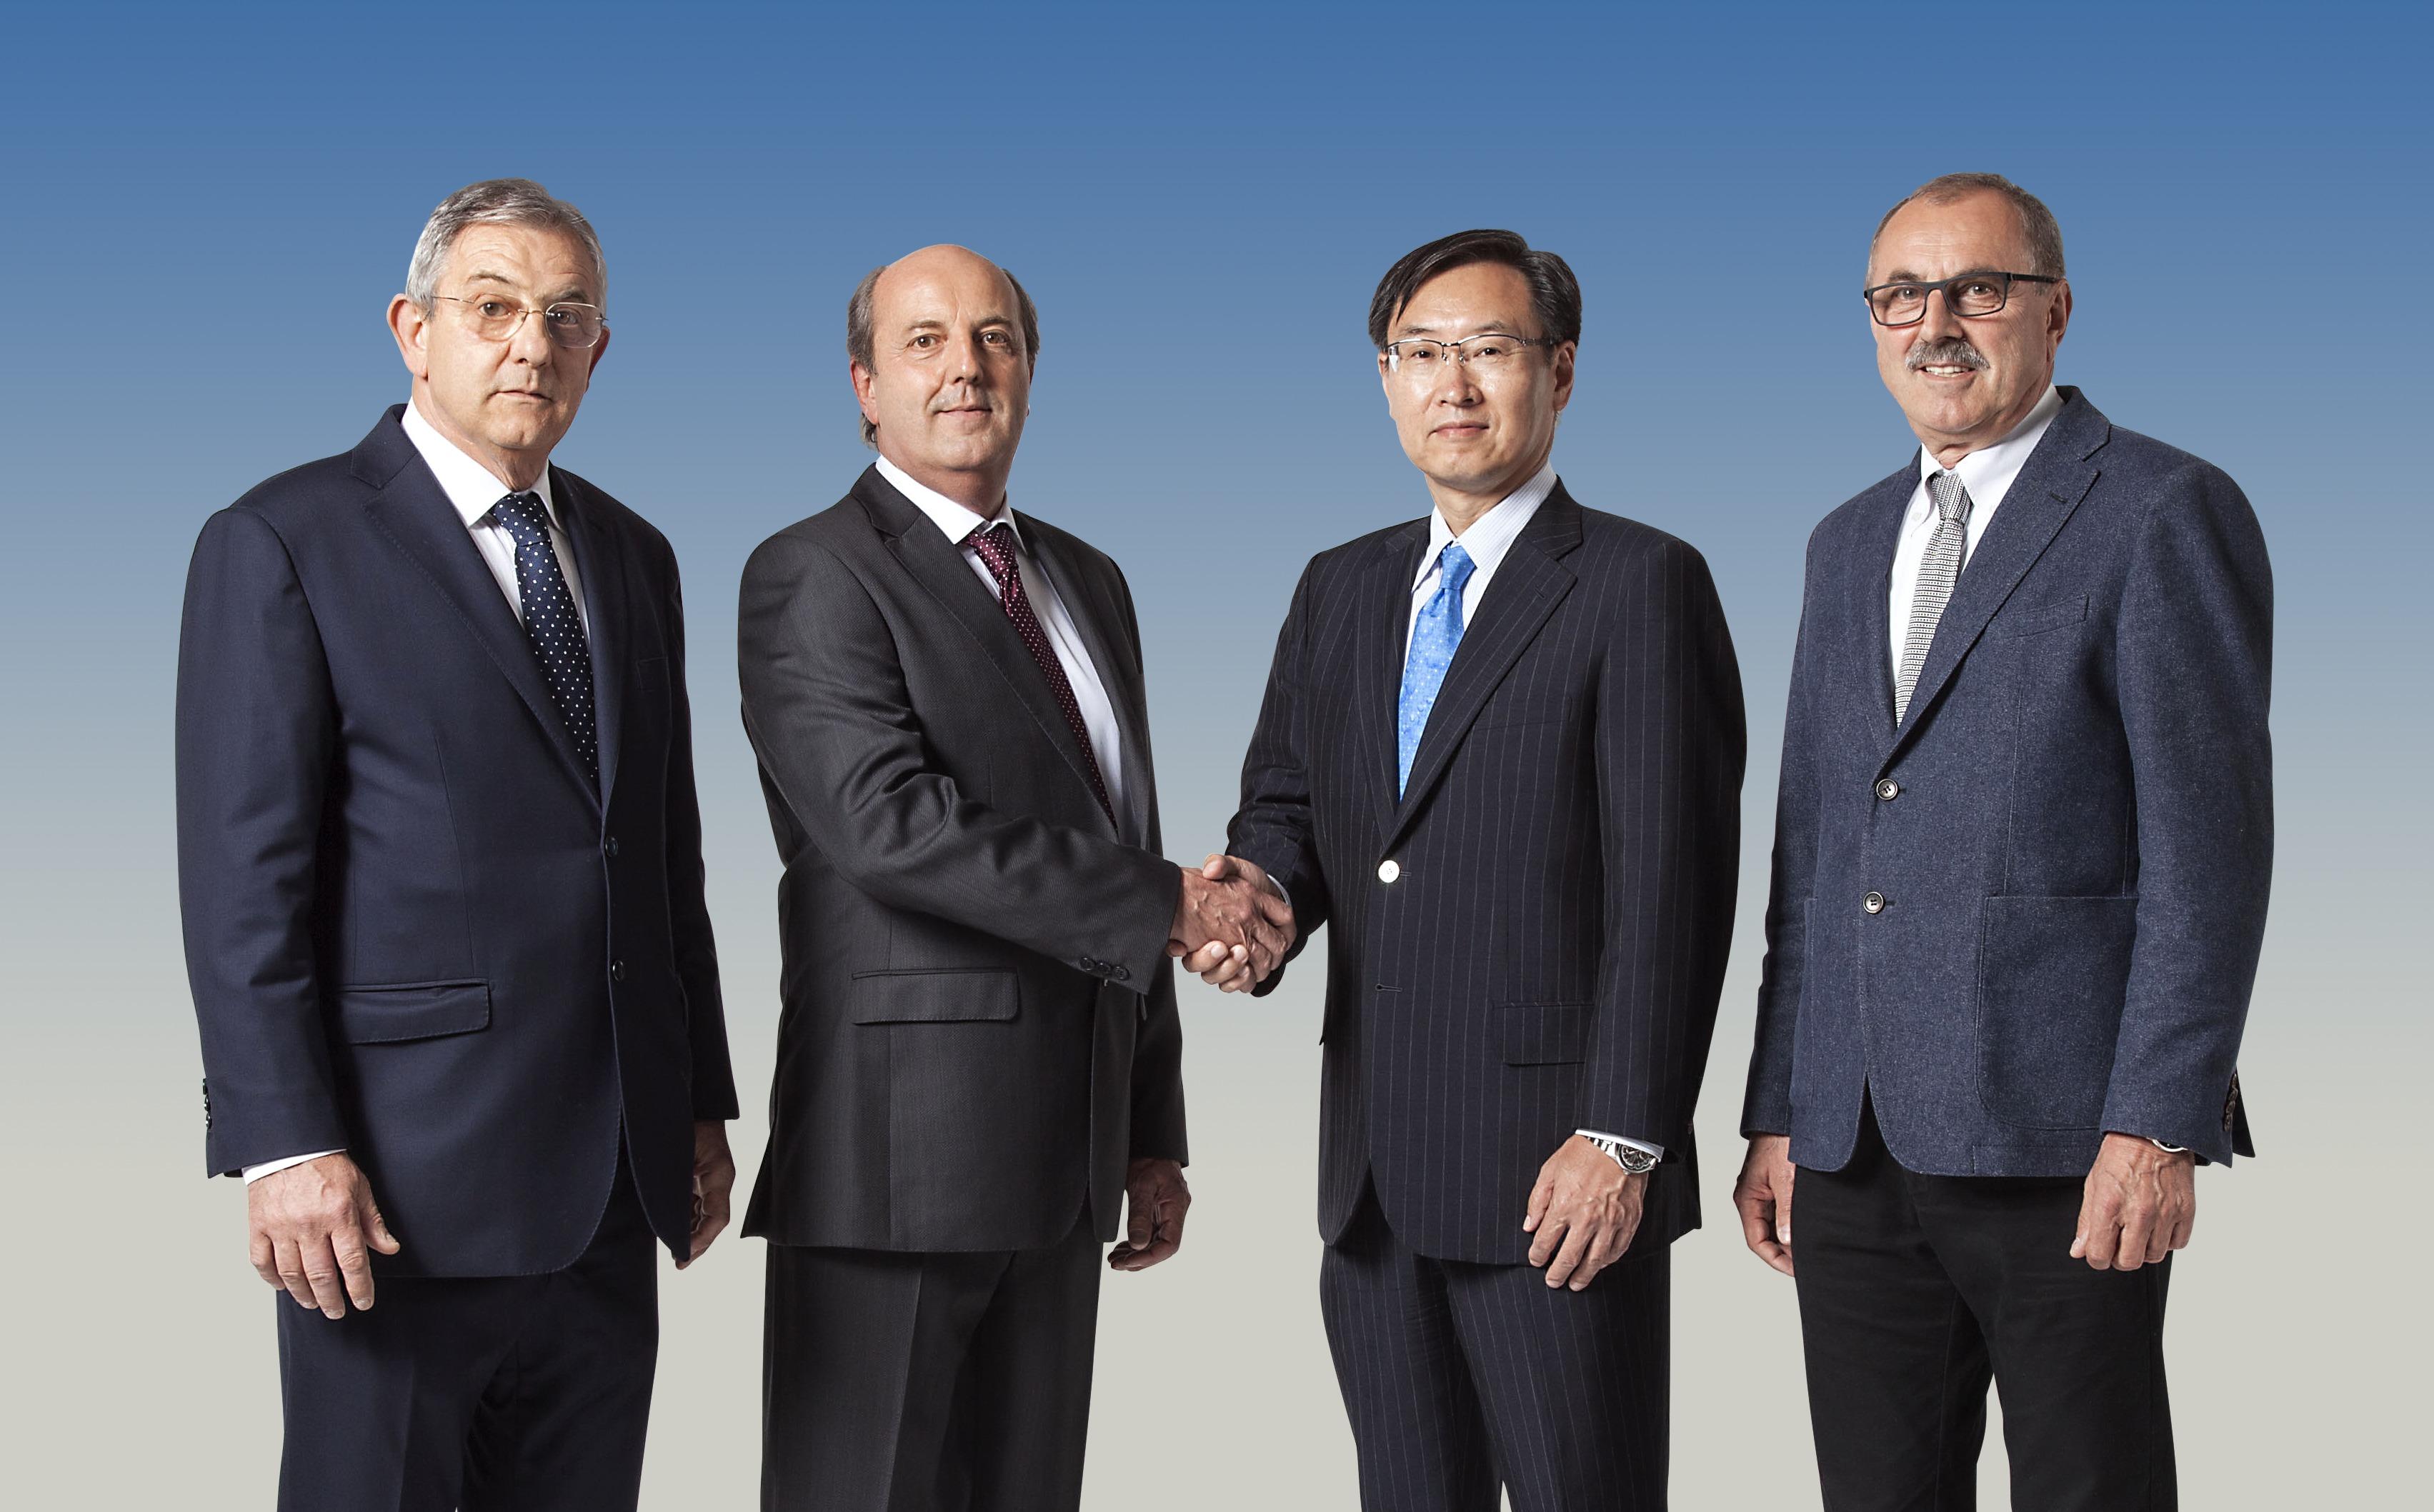 Predsednik družbe Epson Minoru Usui (drugi z desne) z (z leve) Sandrom, Valeriem in Riccardom Robustelli.